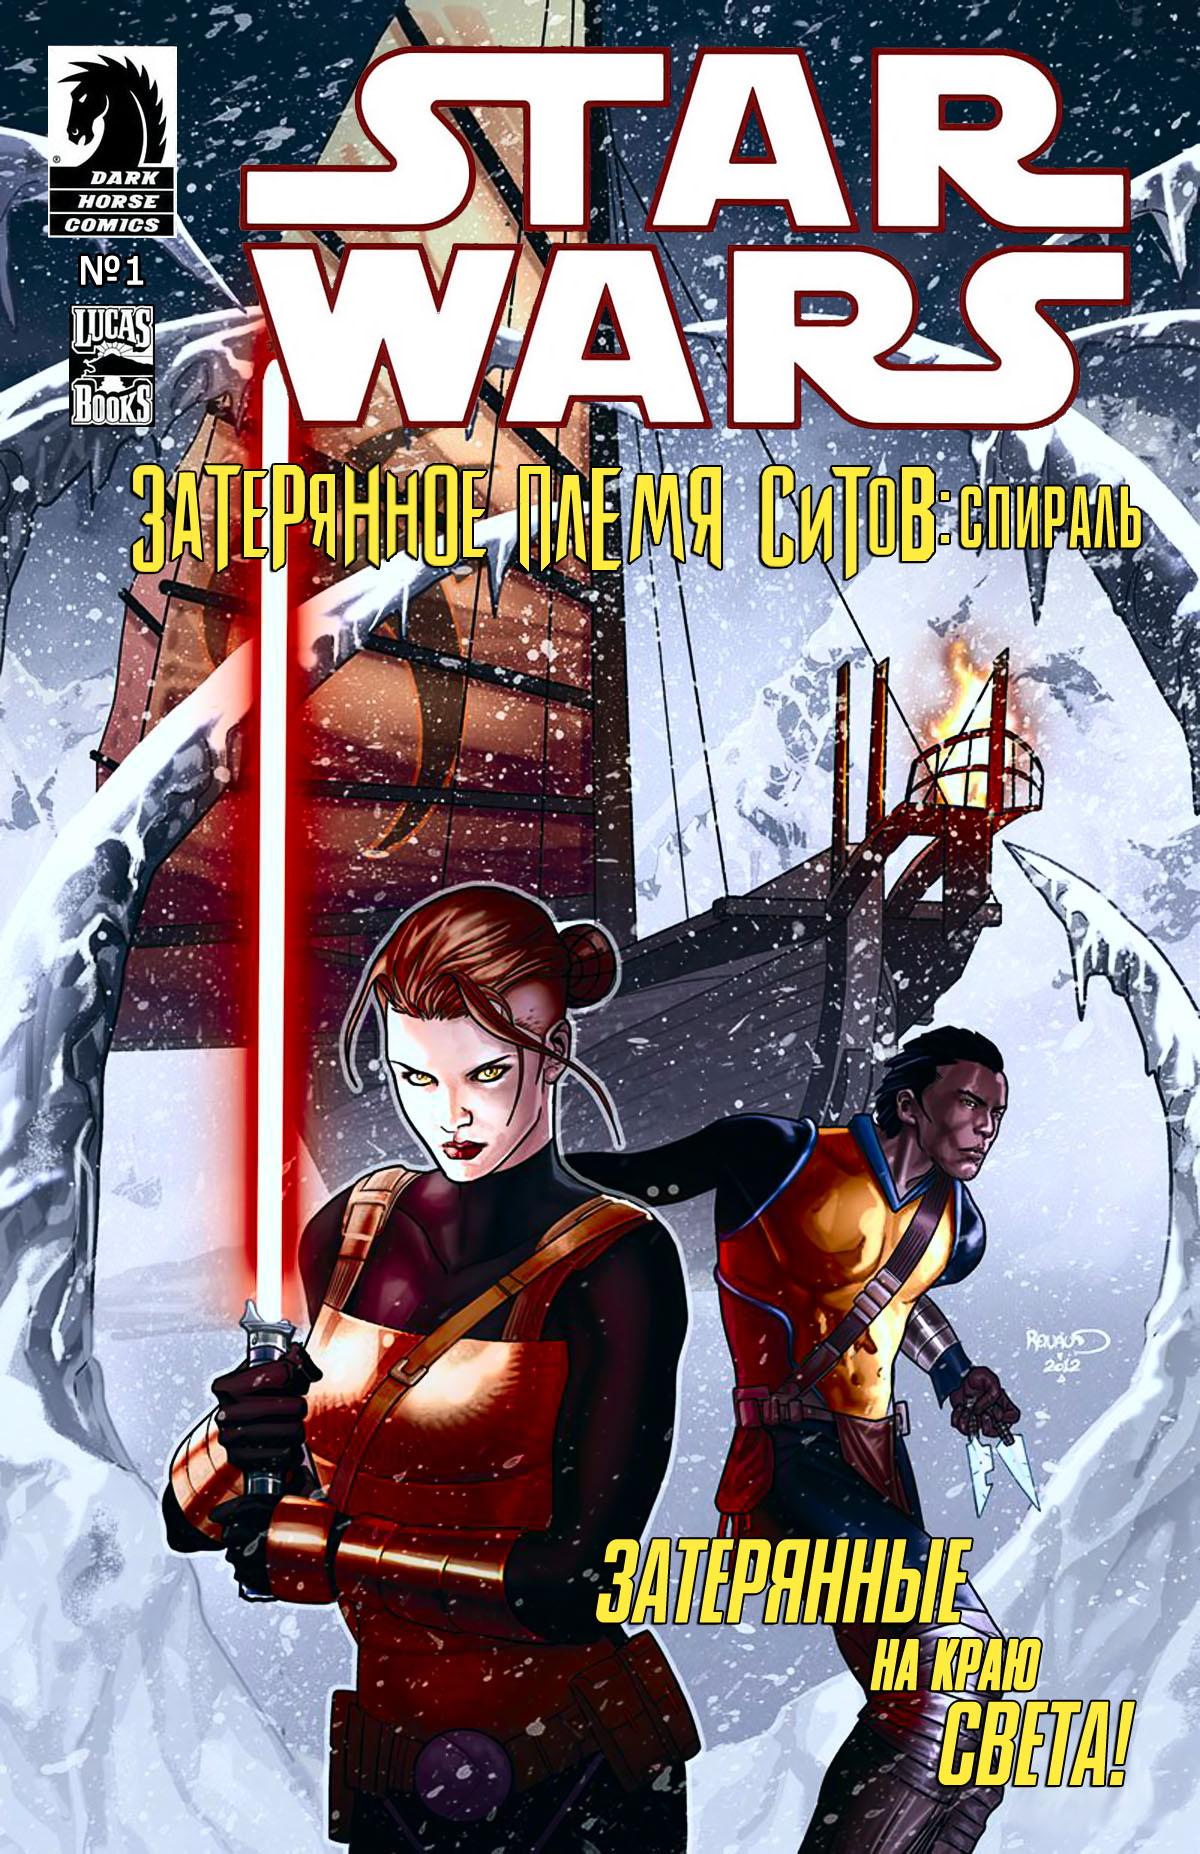 Звёздные войны. Затерянное племя ситхов 1: Спираль, часть 1